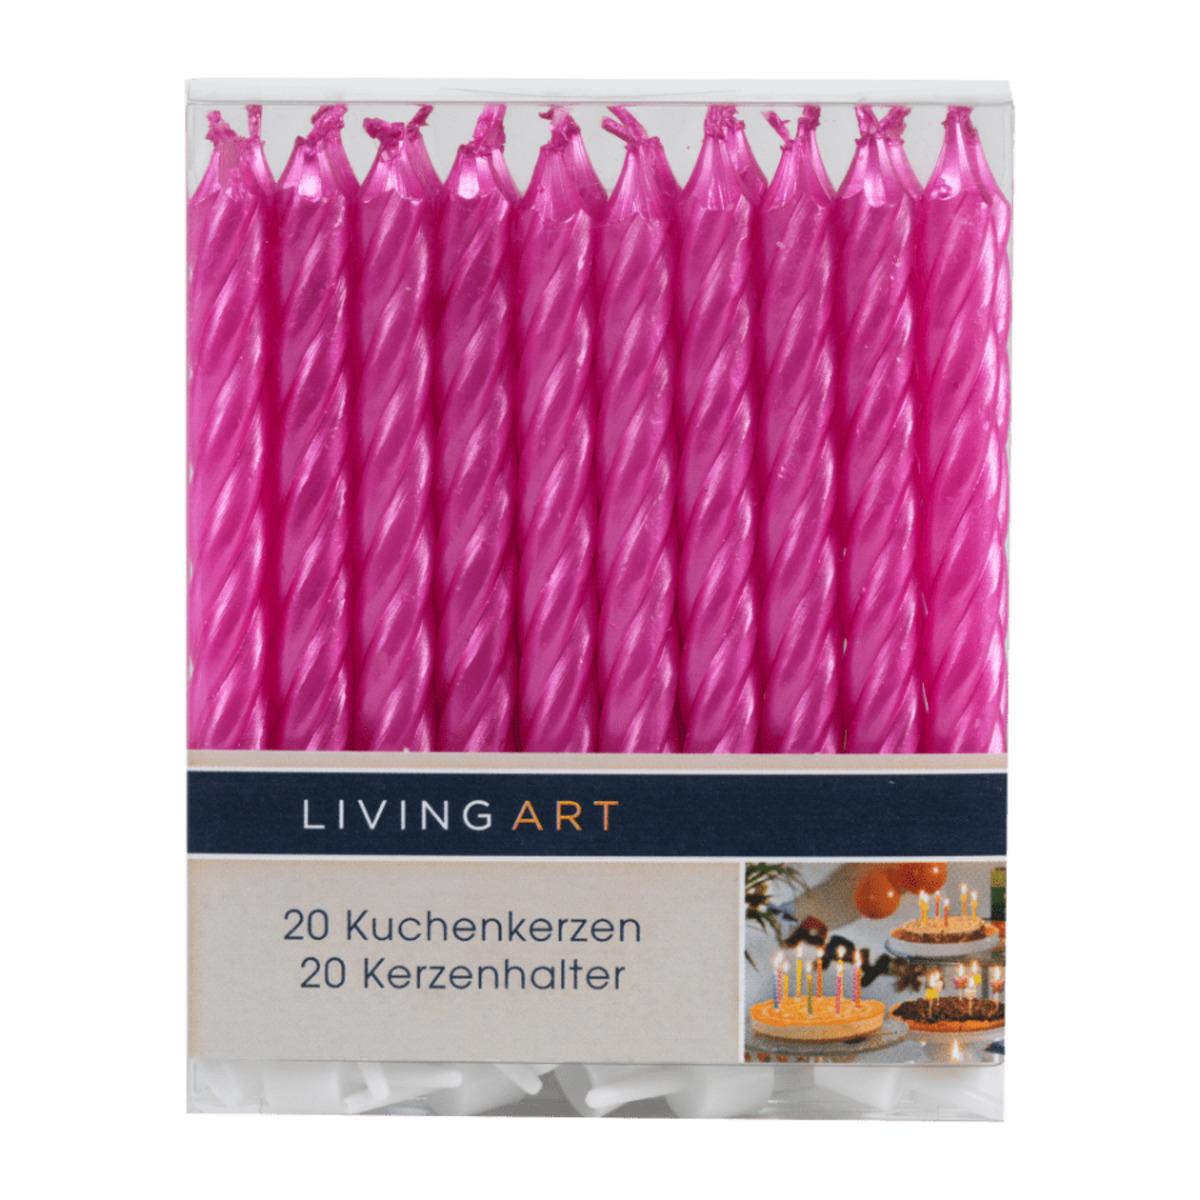 Bild 3 von LIVING ART     Kuchen- / Glückwunschkerzen